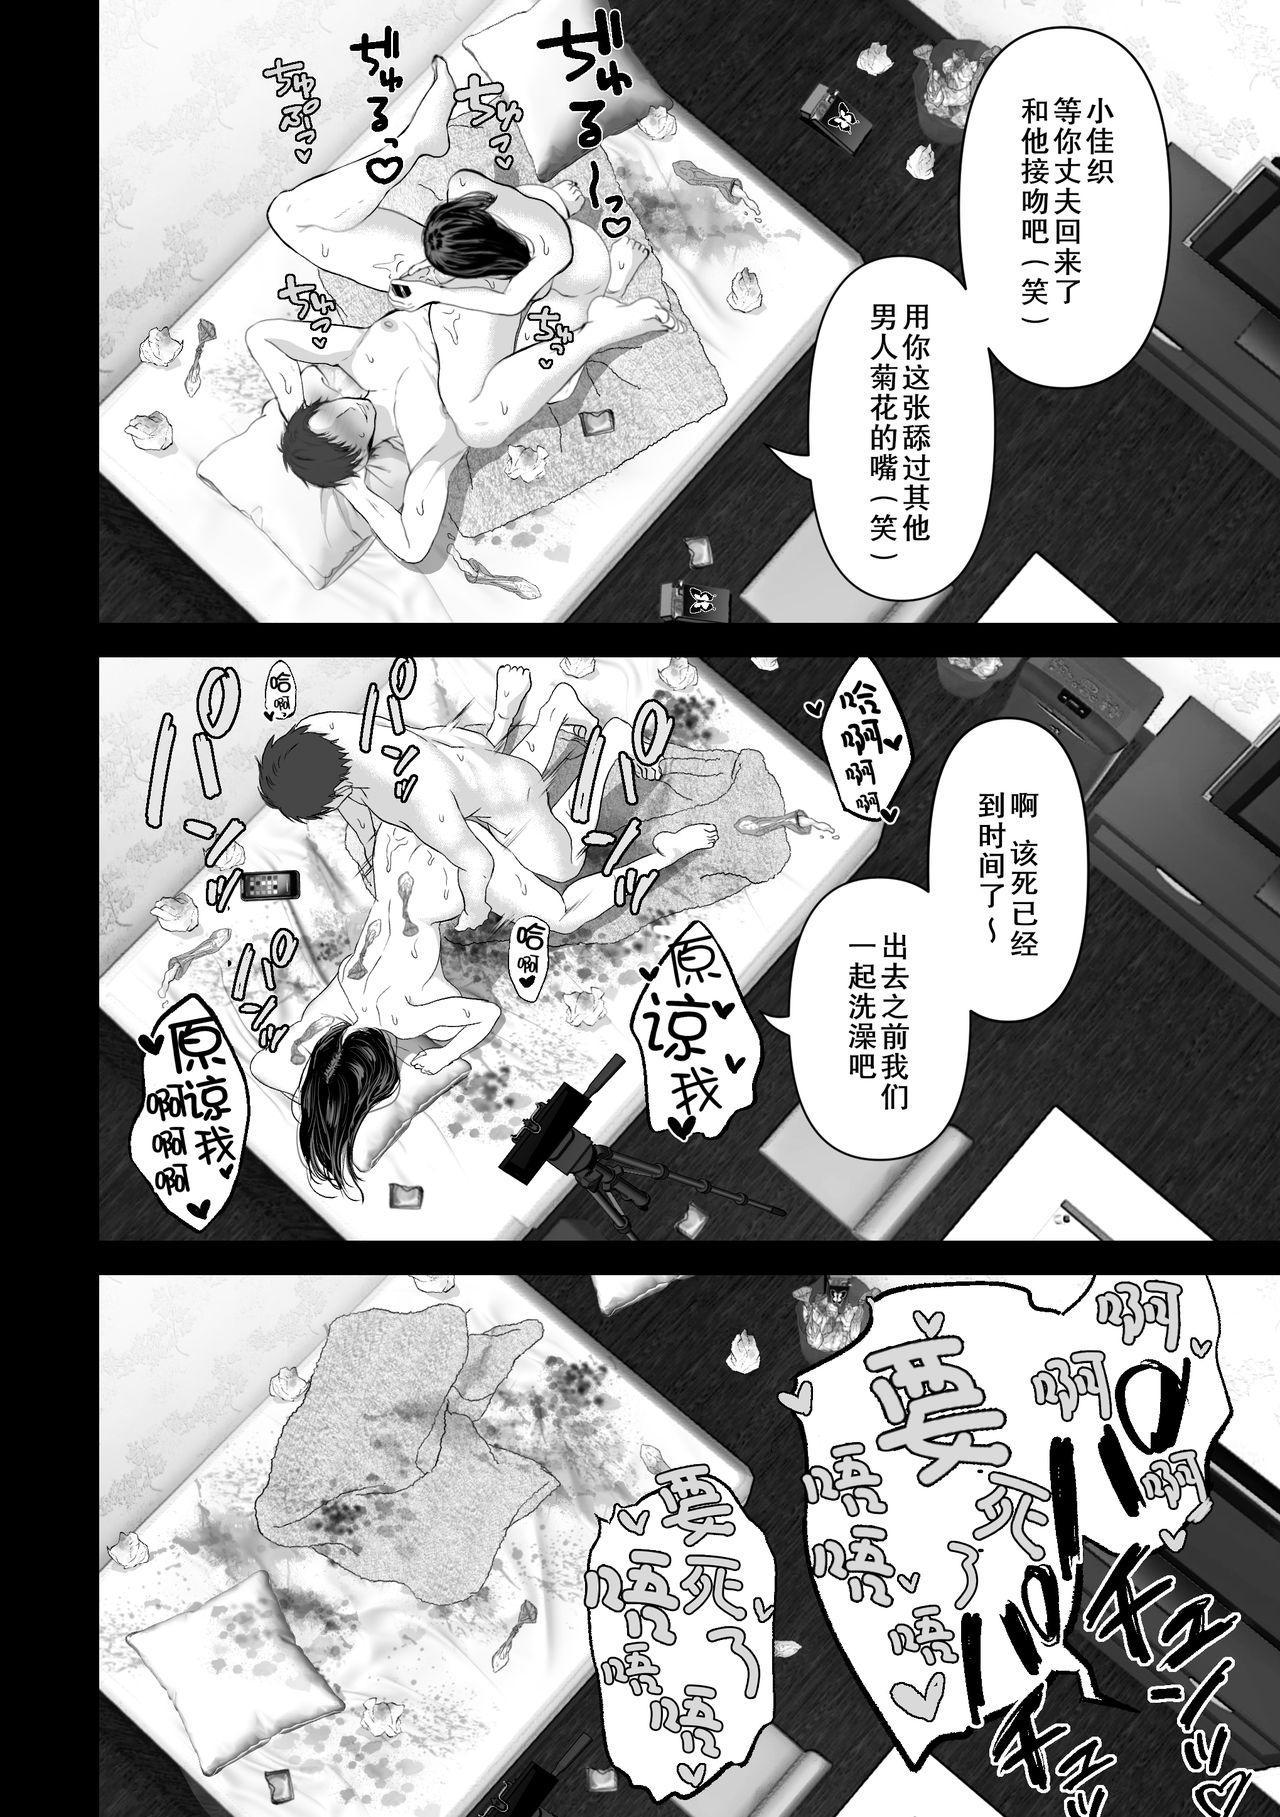 [Torotoro Yume Banana (Yumeki Banana)] Anata ga Nozomu nara[Chinese]【不可视汉化】 25